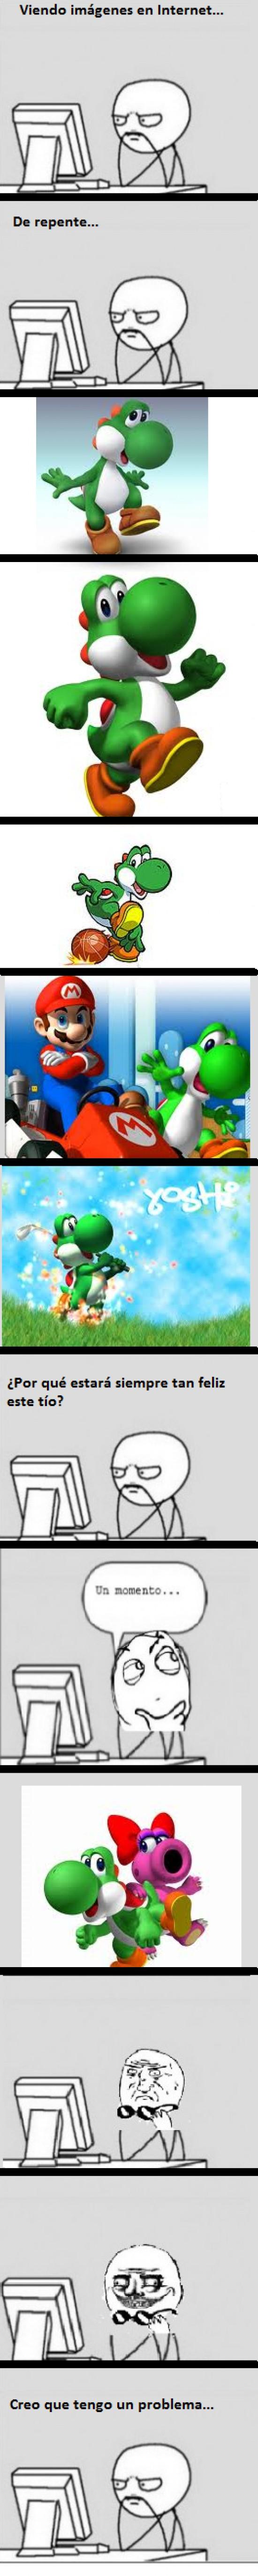 Me_gusta - La felicidad de Yoshi